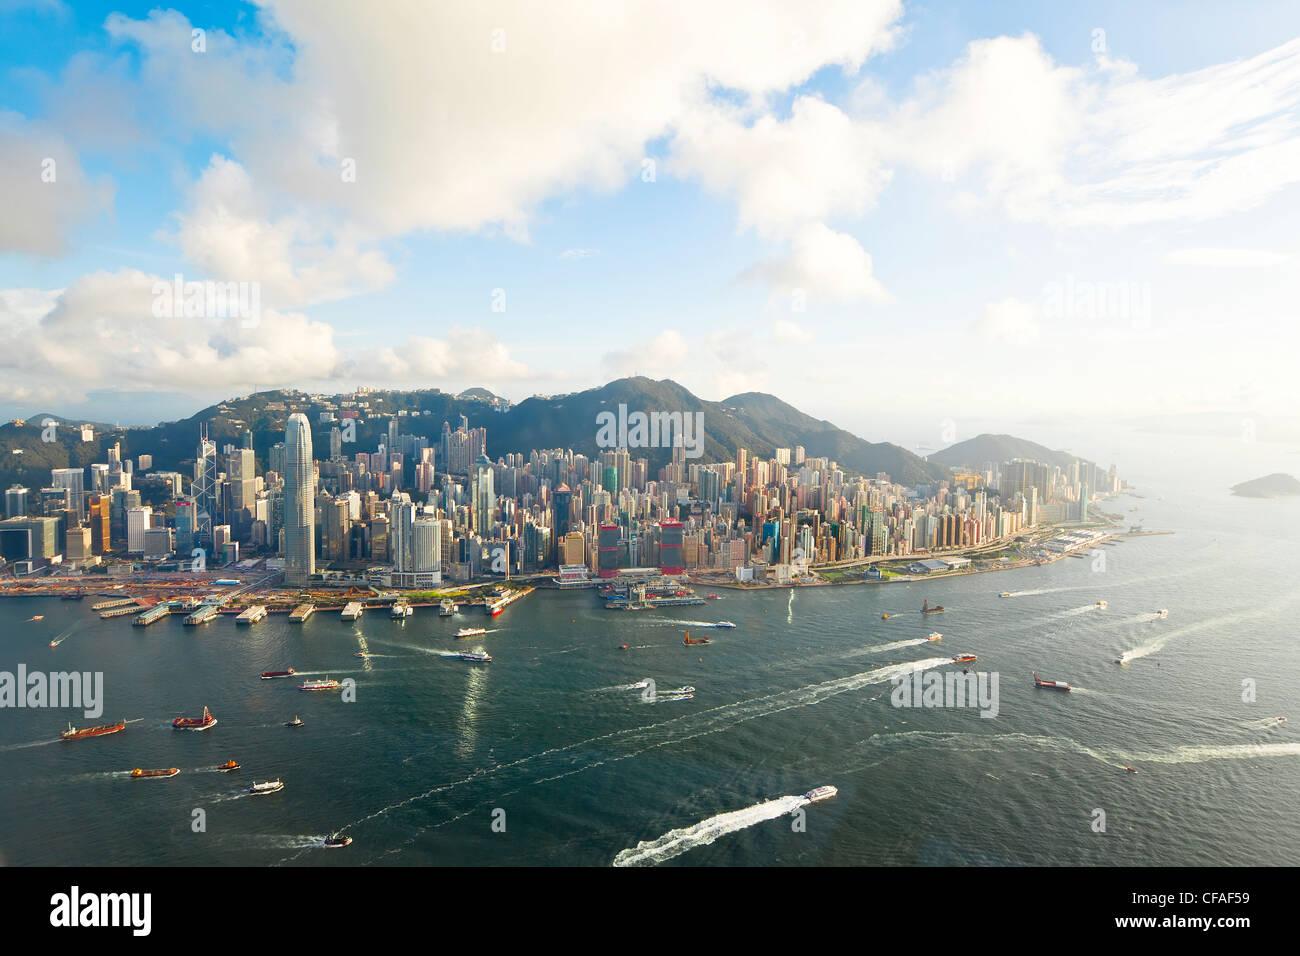 Erhöhten Blick auf den belebten Hafen von Hongkong, Central District von Hong Kong Island und Victoria Peak, Stockbild